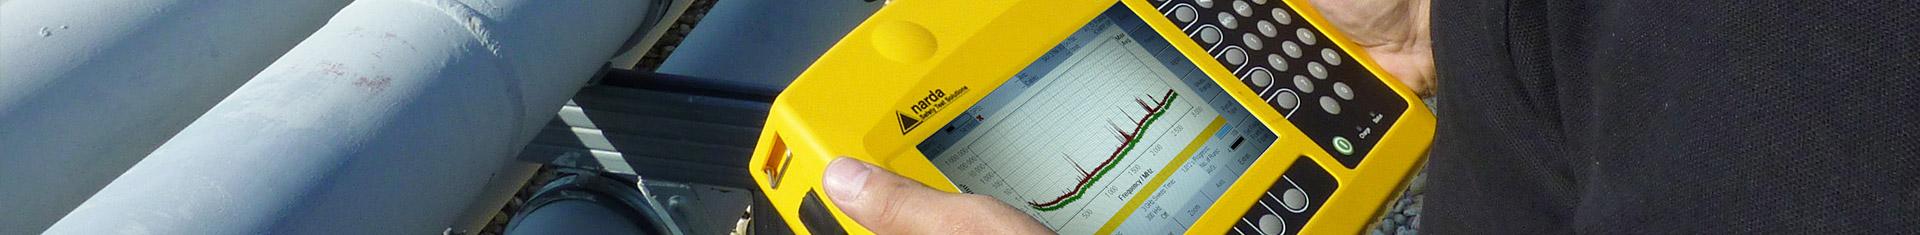 Bildausschnitt von einem Messgerät